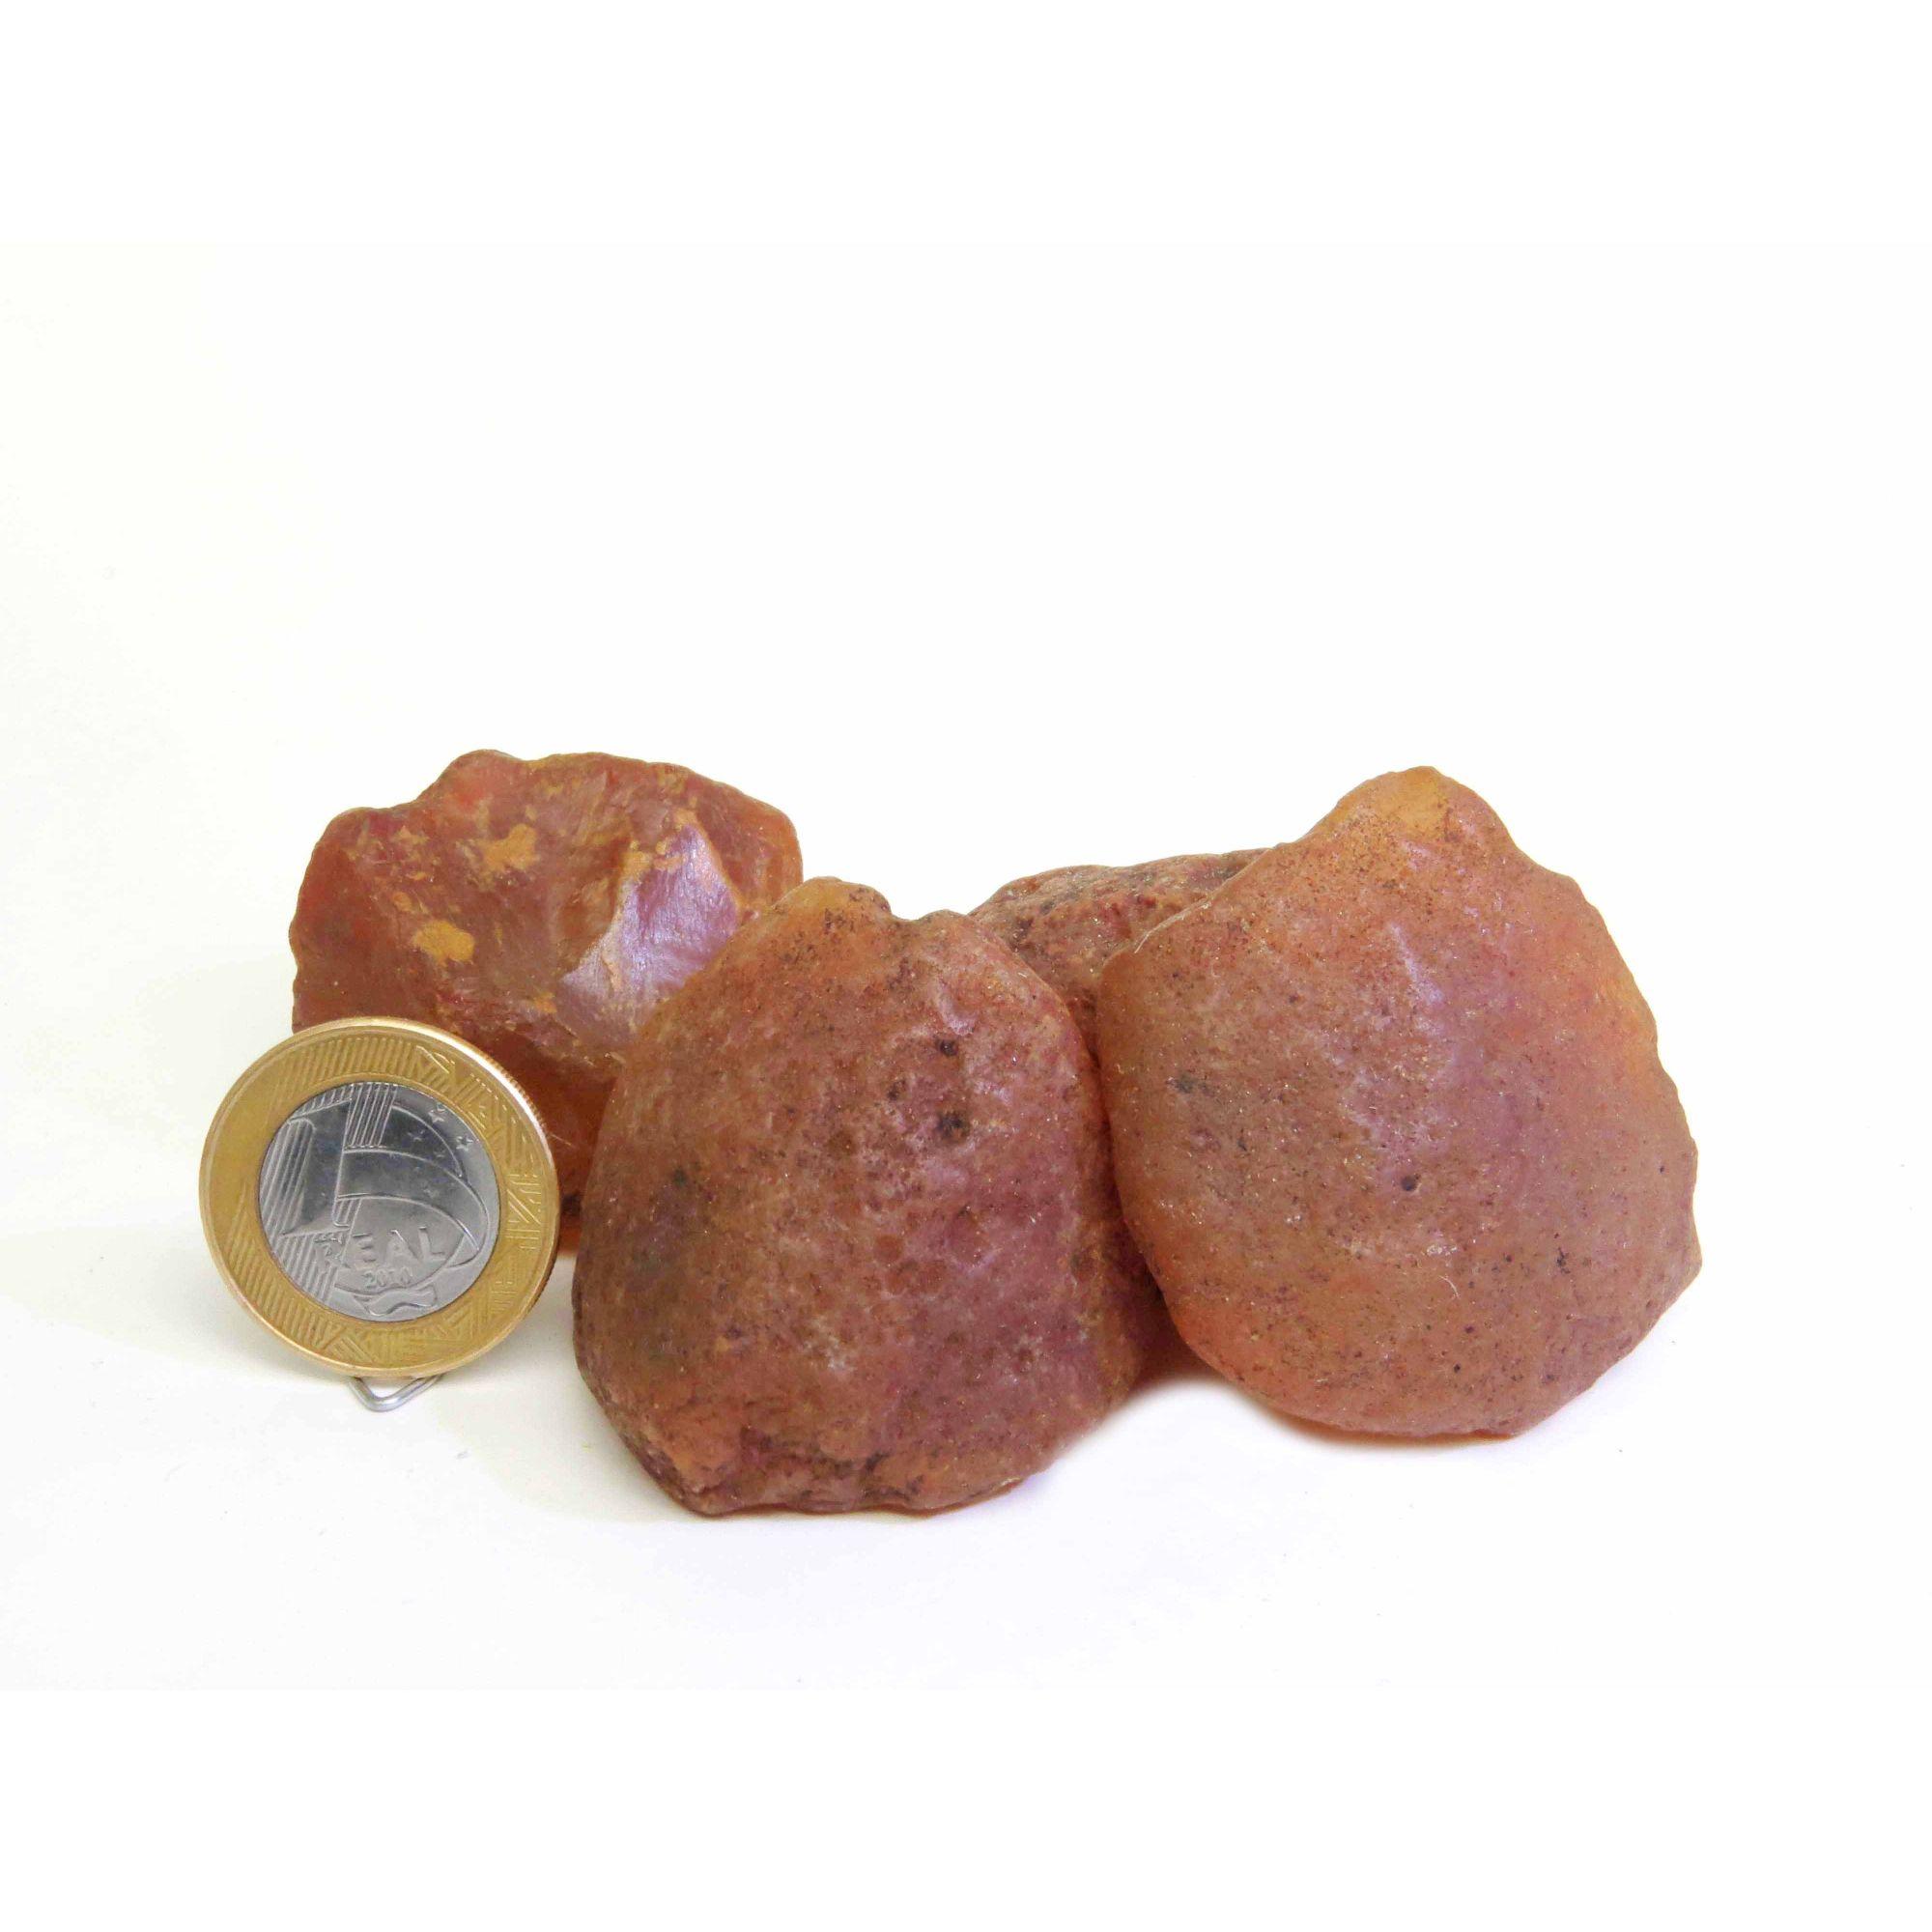 Ágata Cornalina - Bruto - 3 a 4 cm